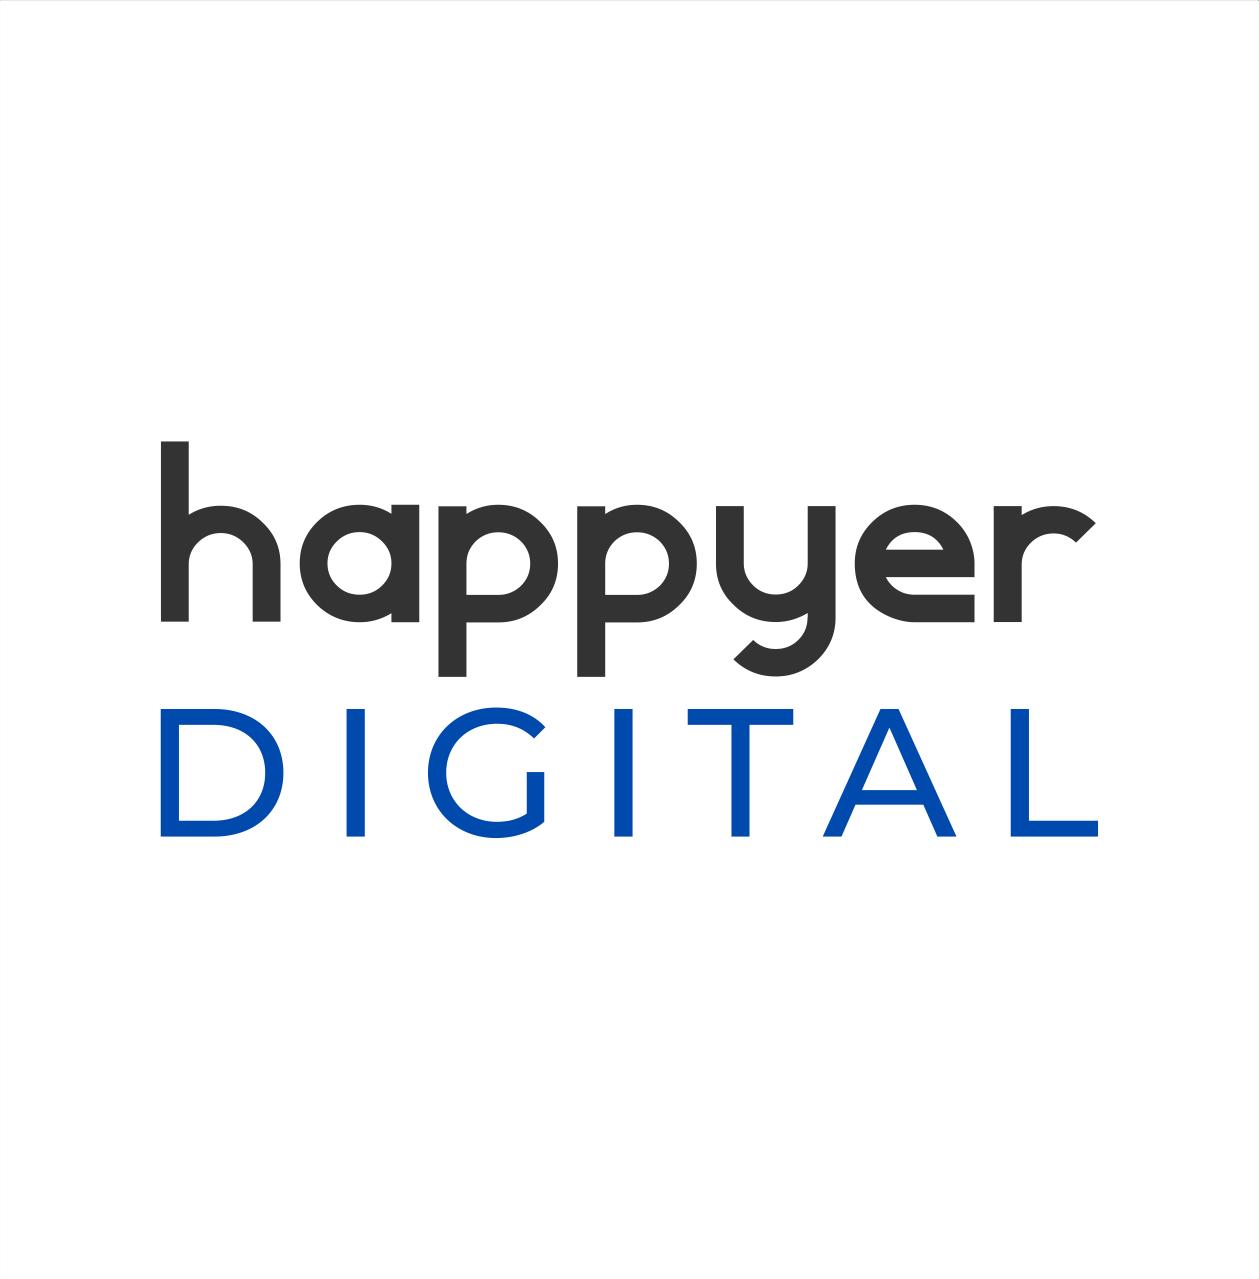 Happyer Digital (HK)